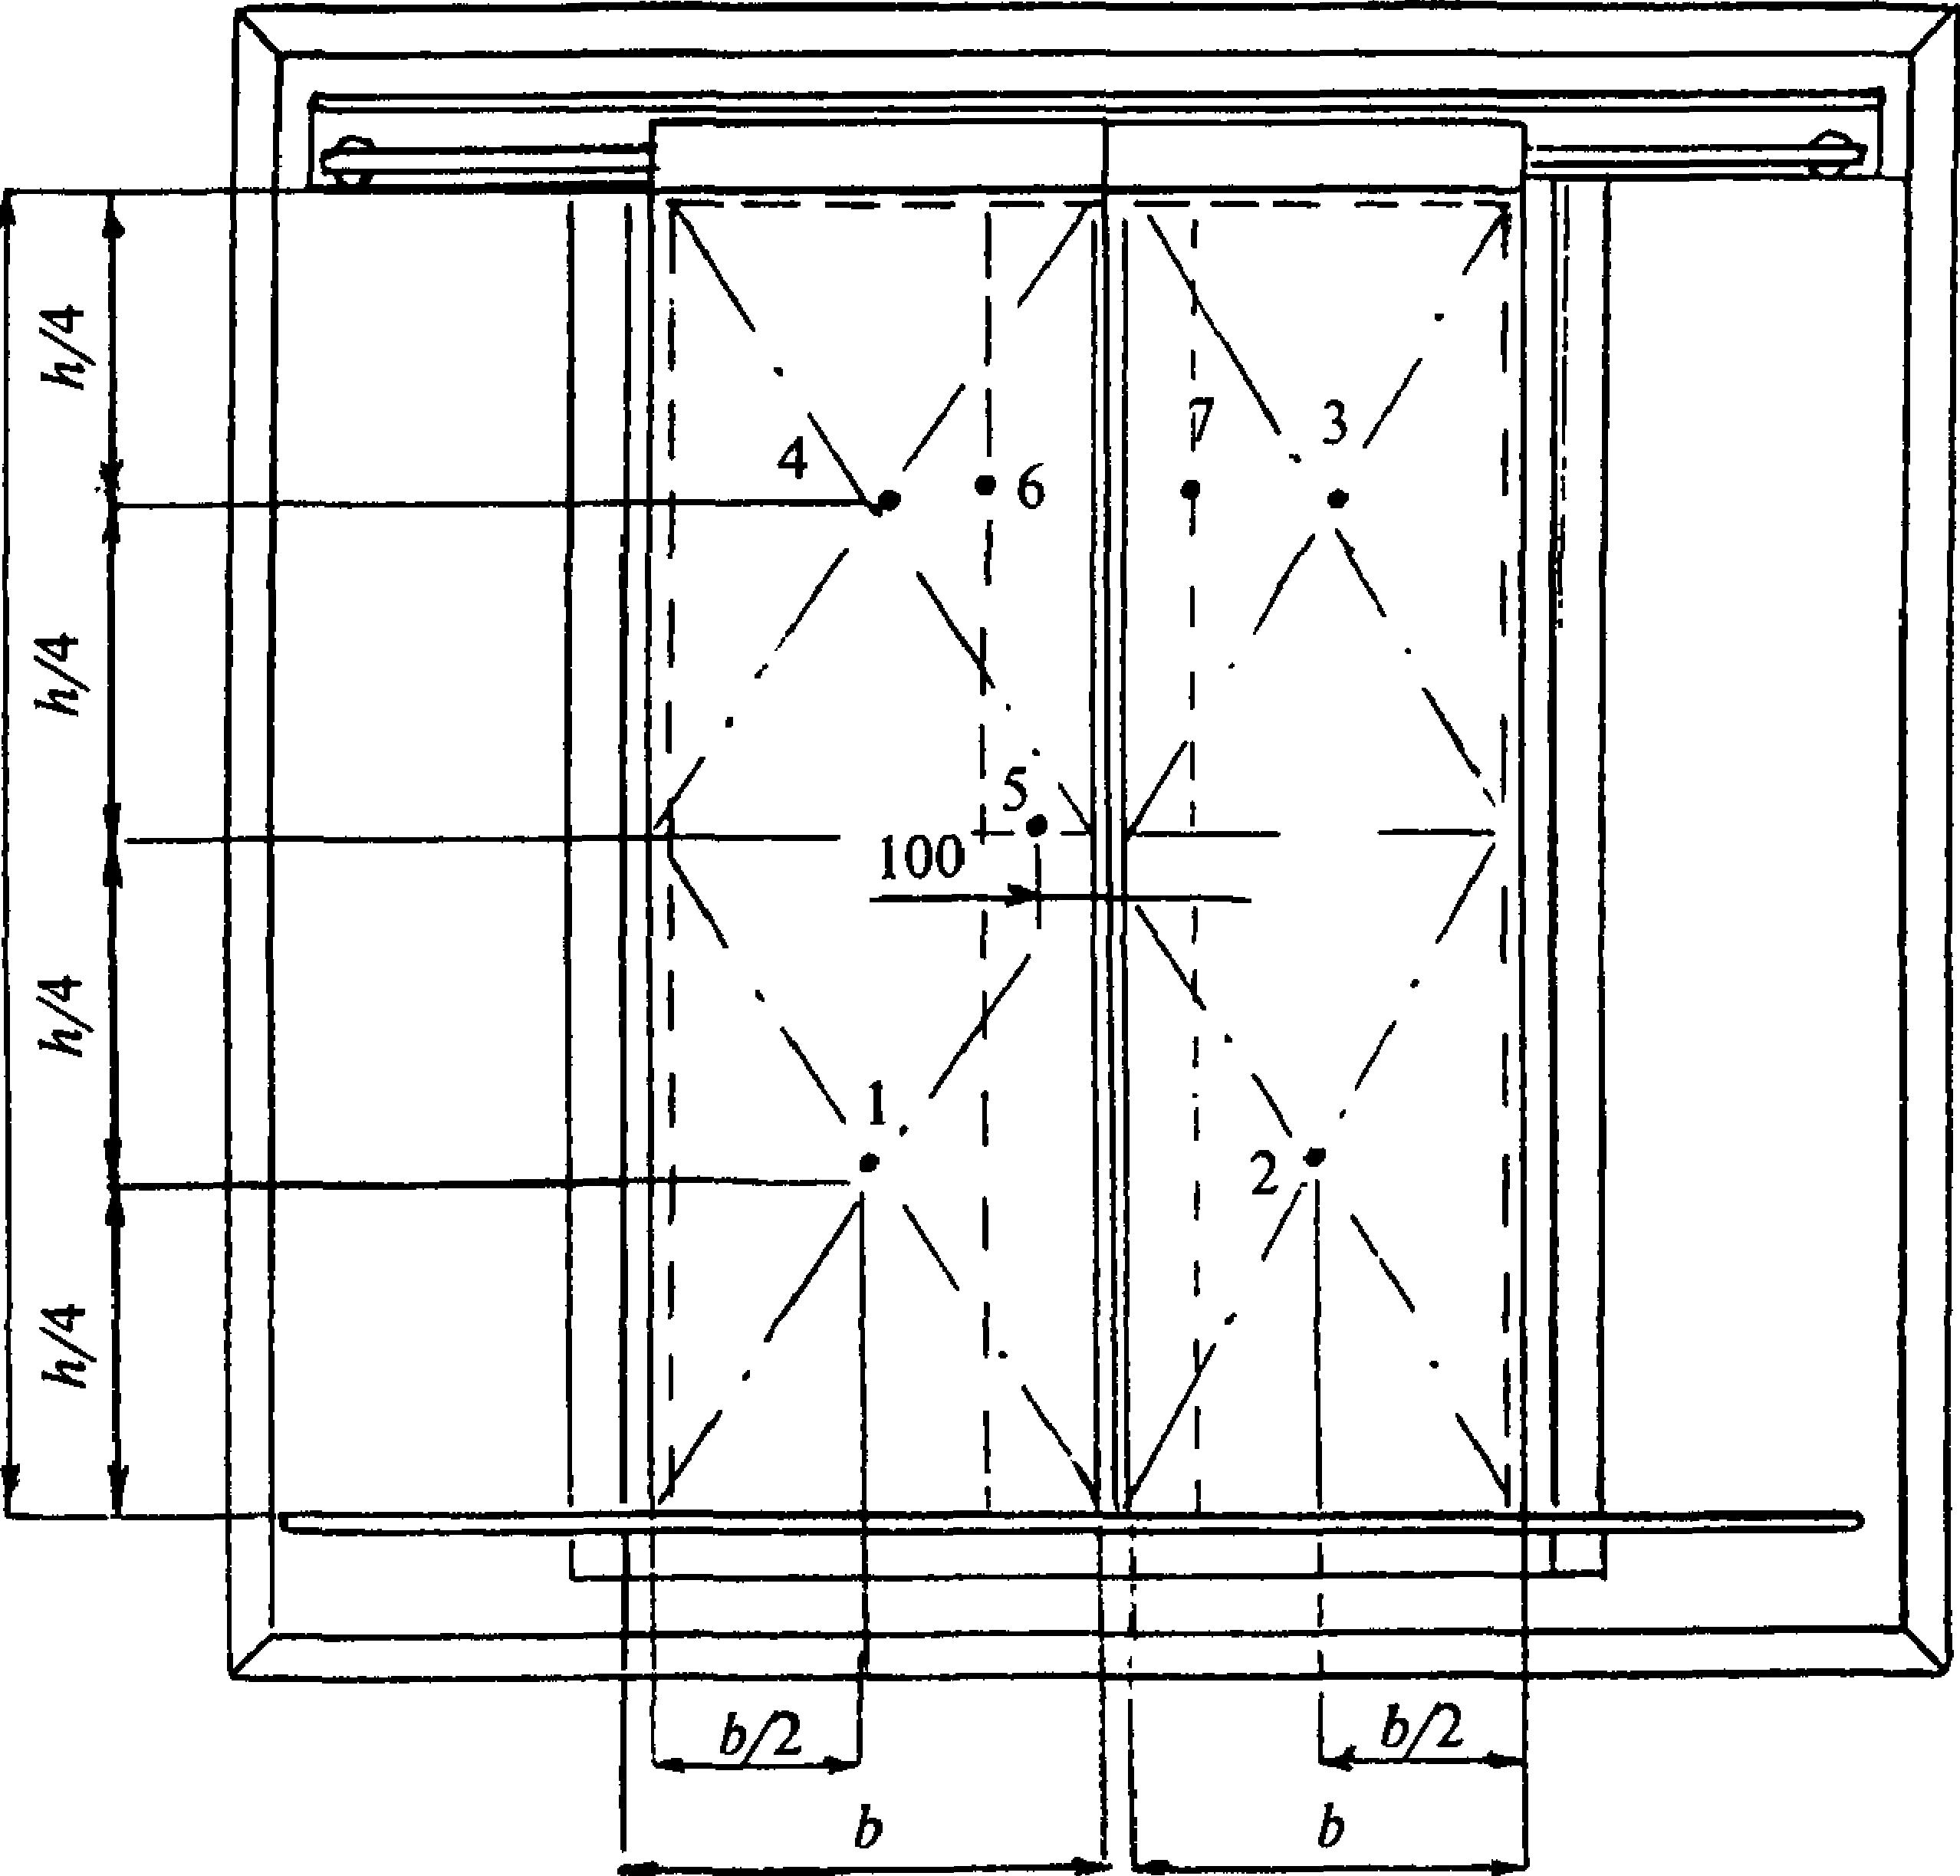 Скачать гост 30247.2-97 конструкции строительные. методы испытаний на огнестойкость. двери и ворота